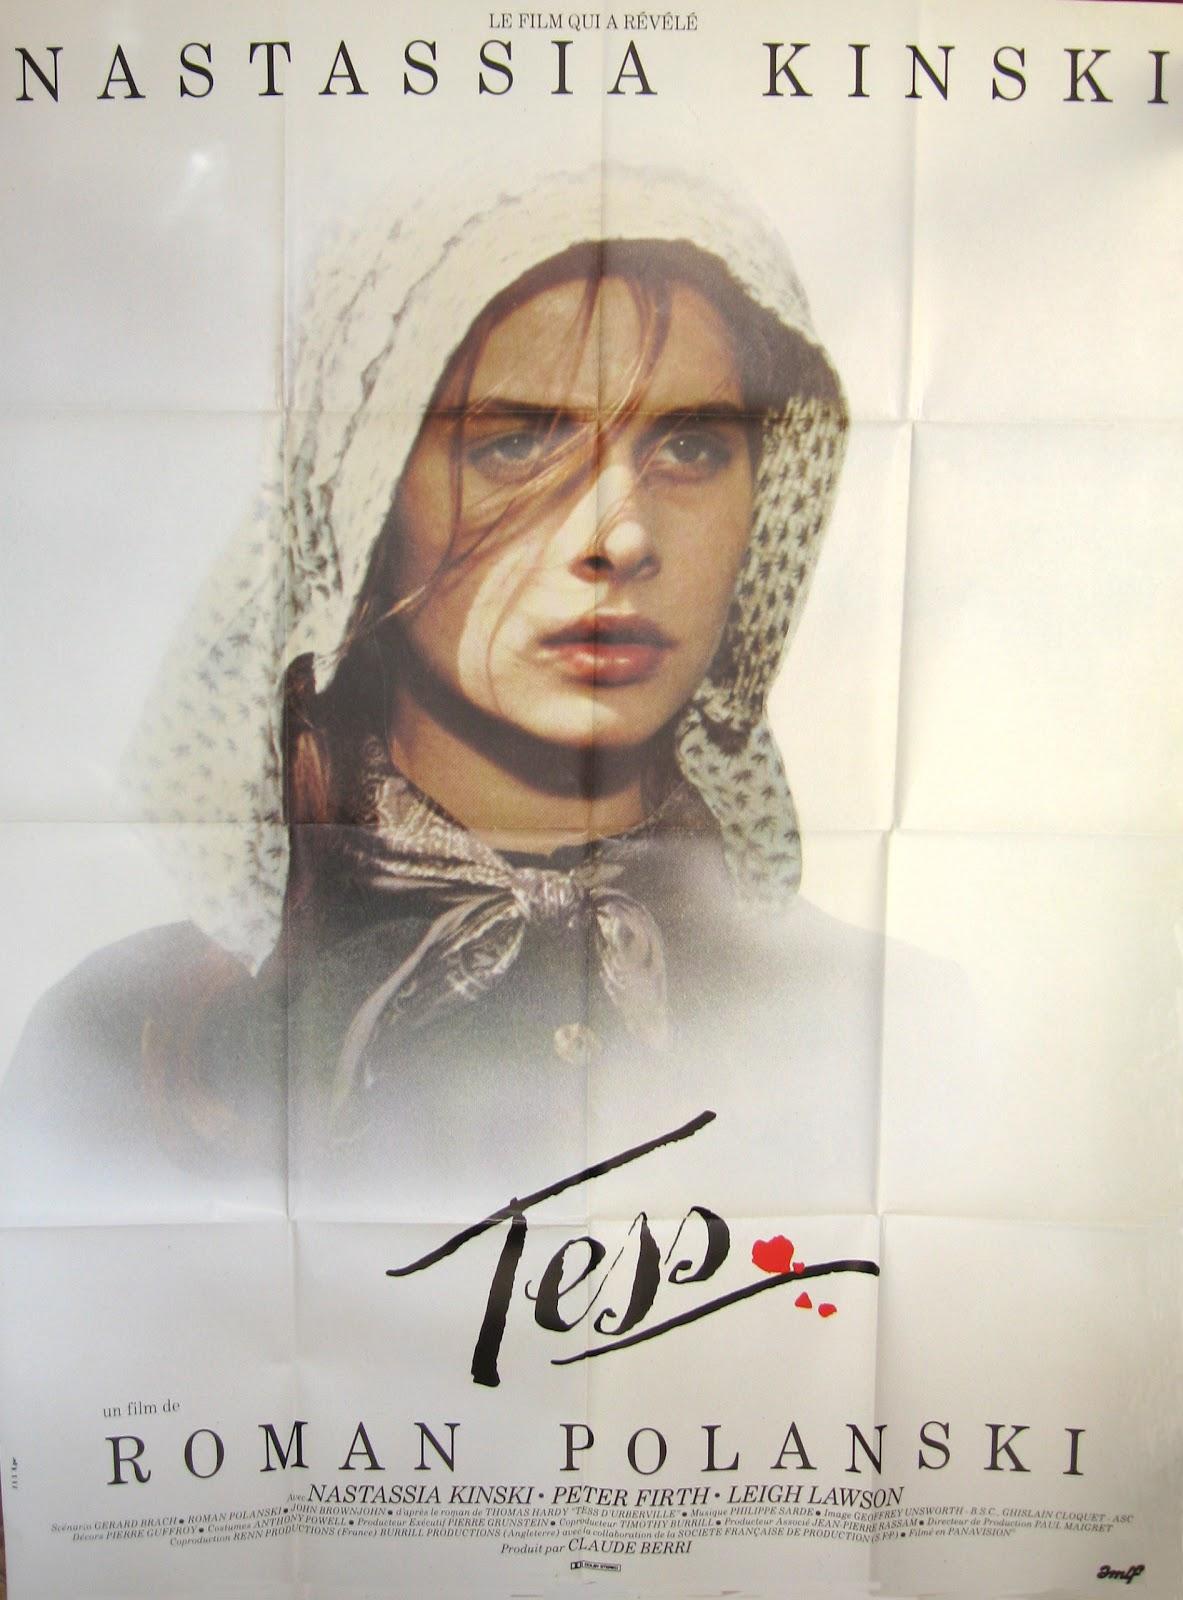 The movie tess